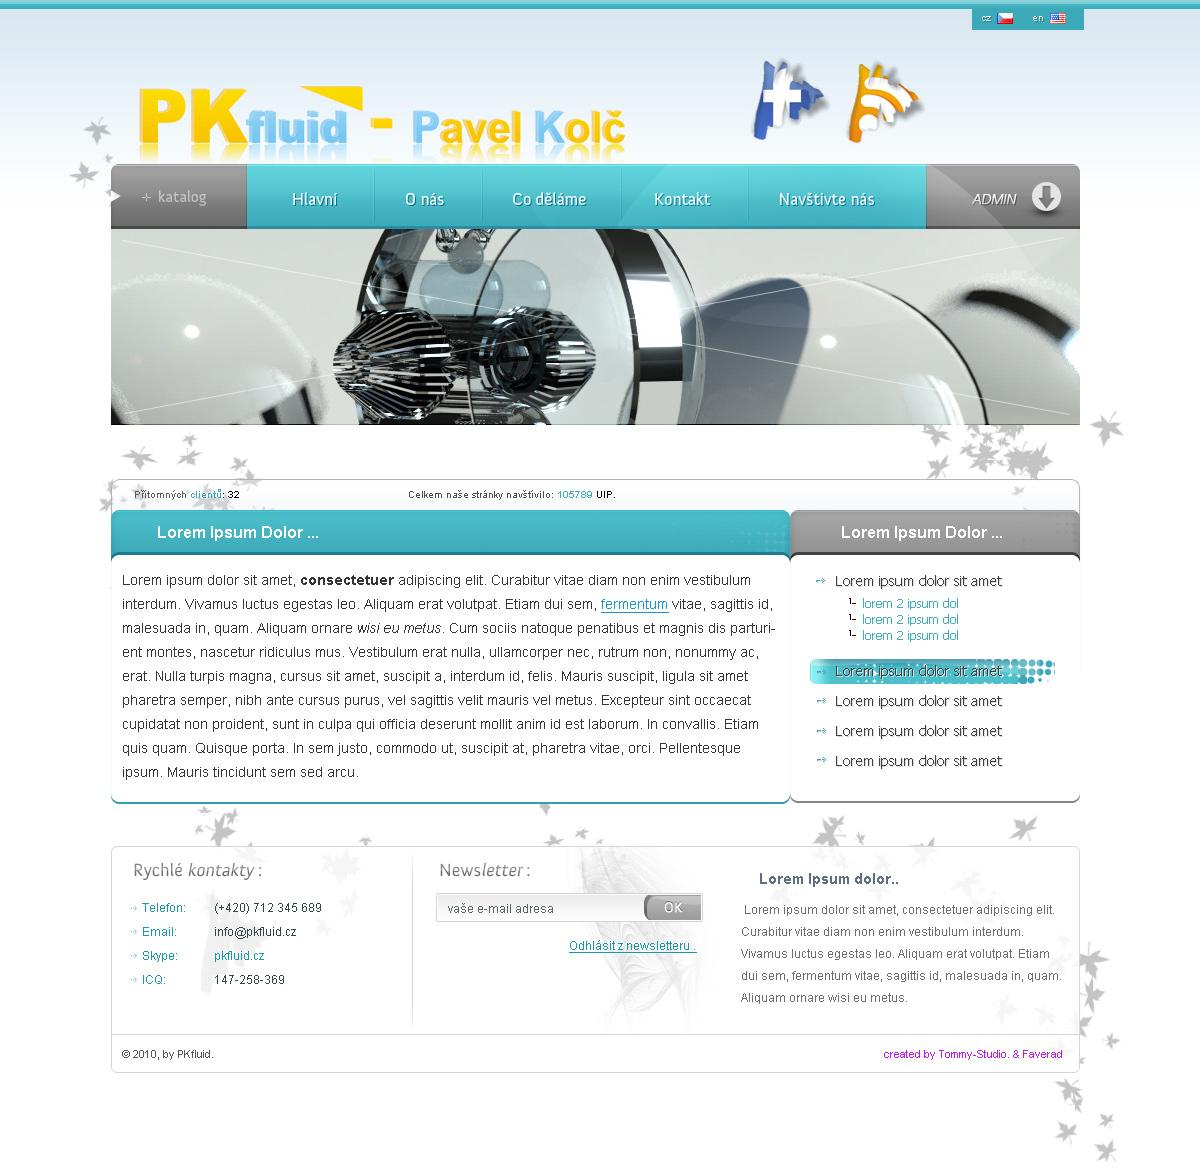 PKfluid